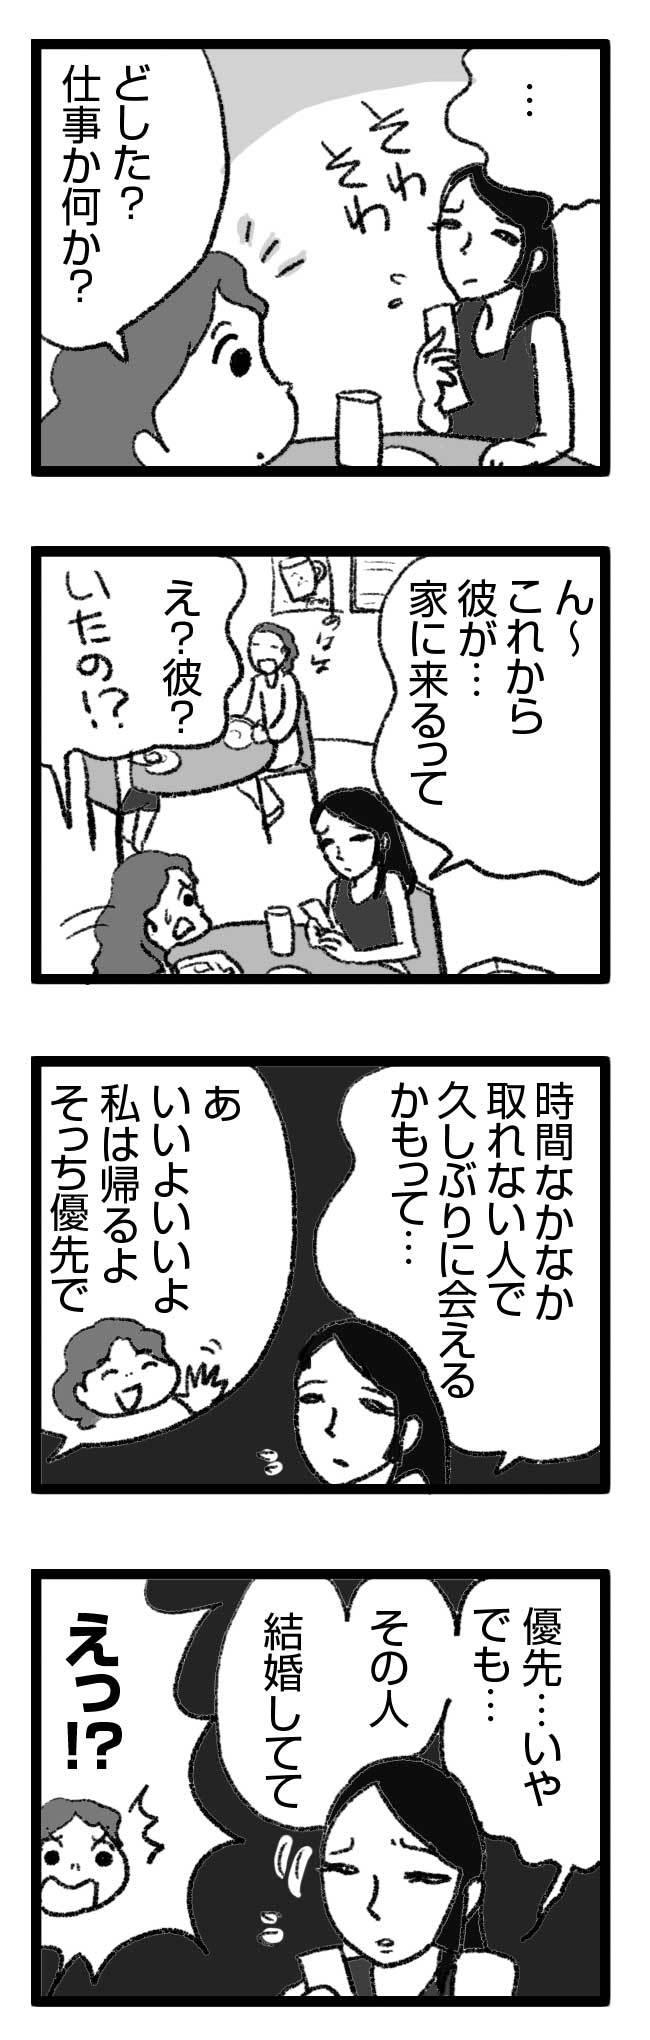 234 不倫と負け婚1_2 婚活 恋活 不倫 元彼 職場 ふりん まんが 漫画 マンガ